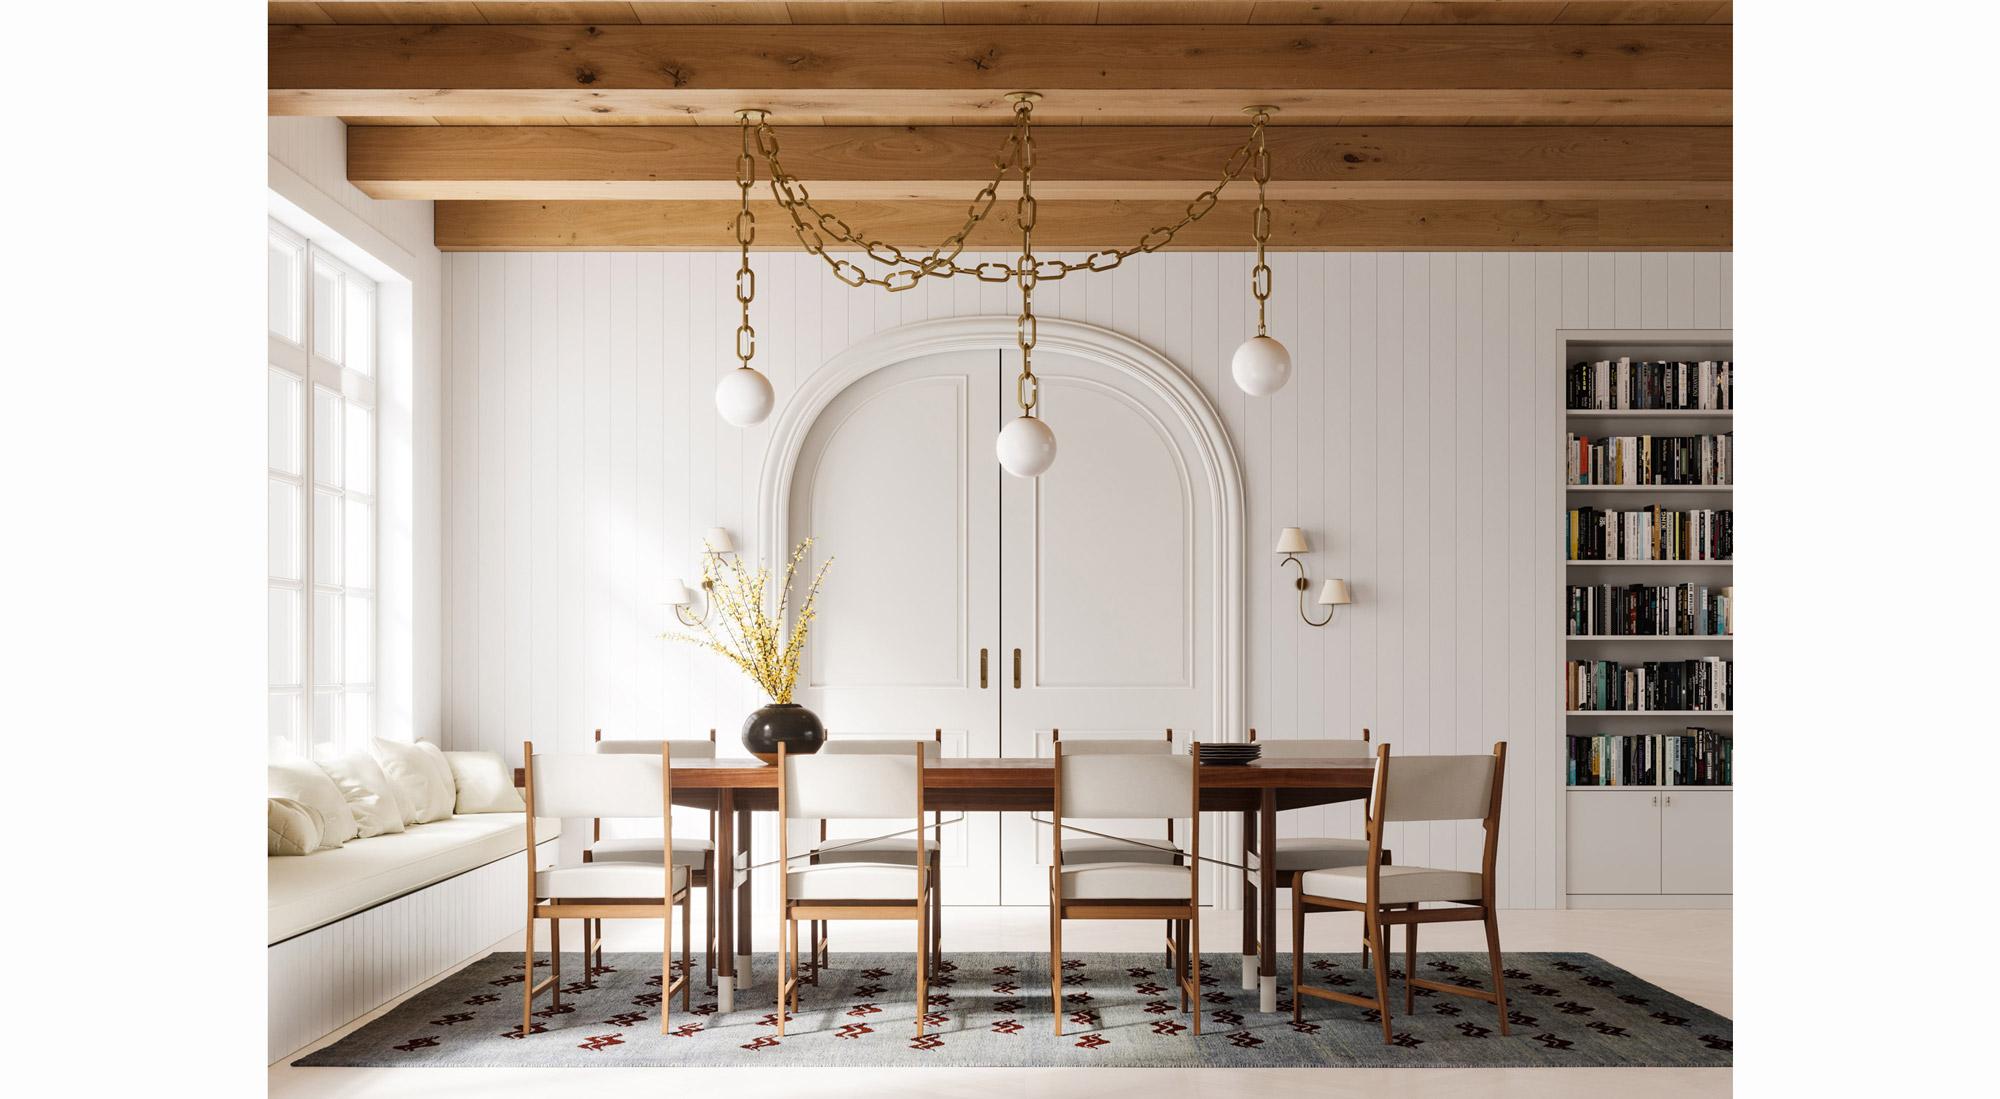 Lighting by Trueing Studio LLC — Josh Metersky & Aiden Bowman